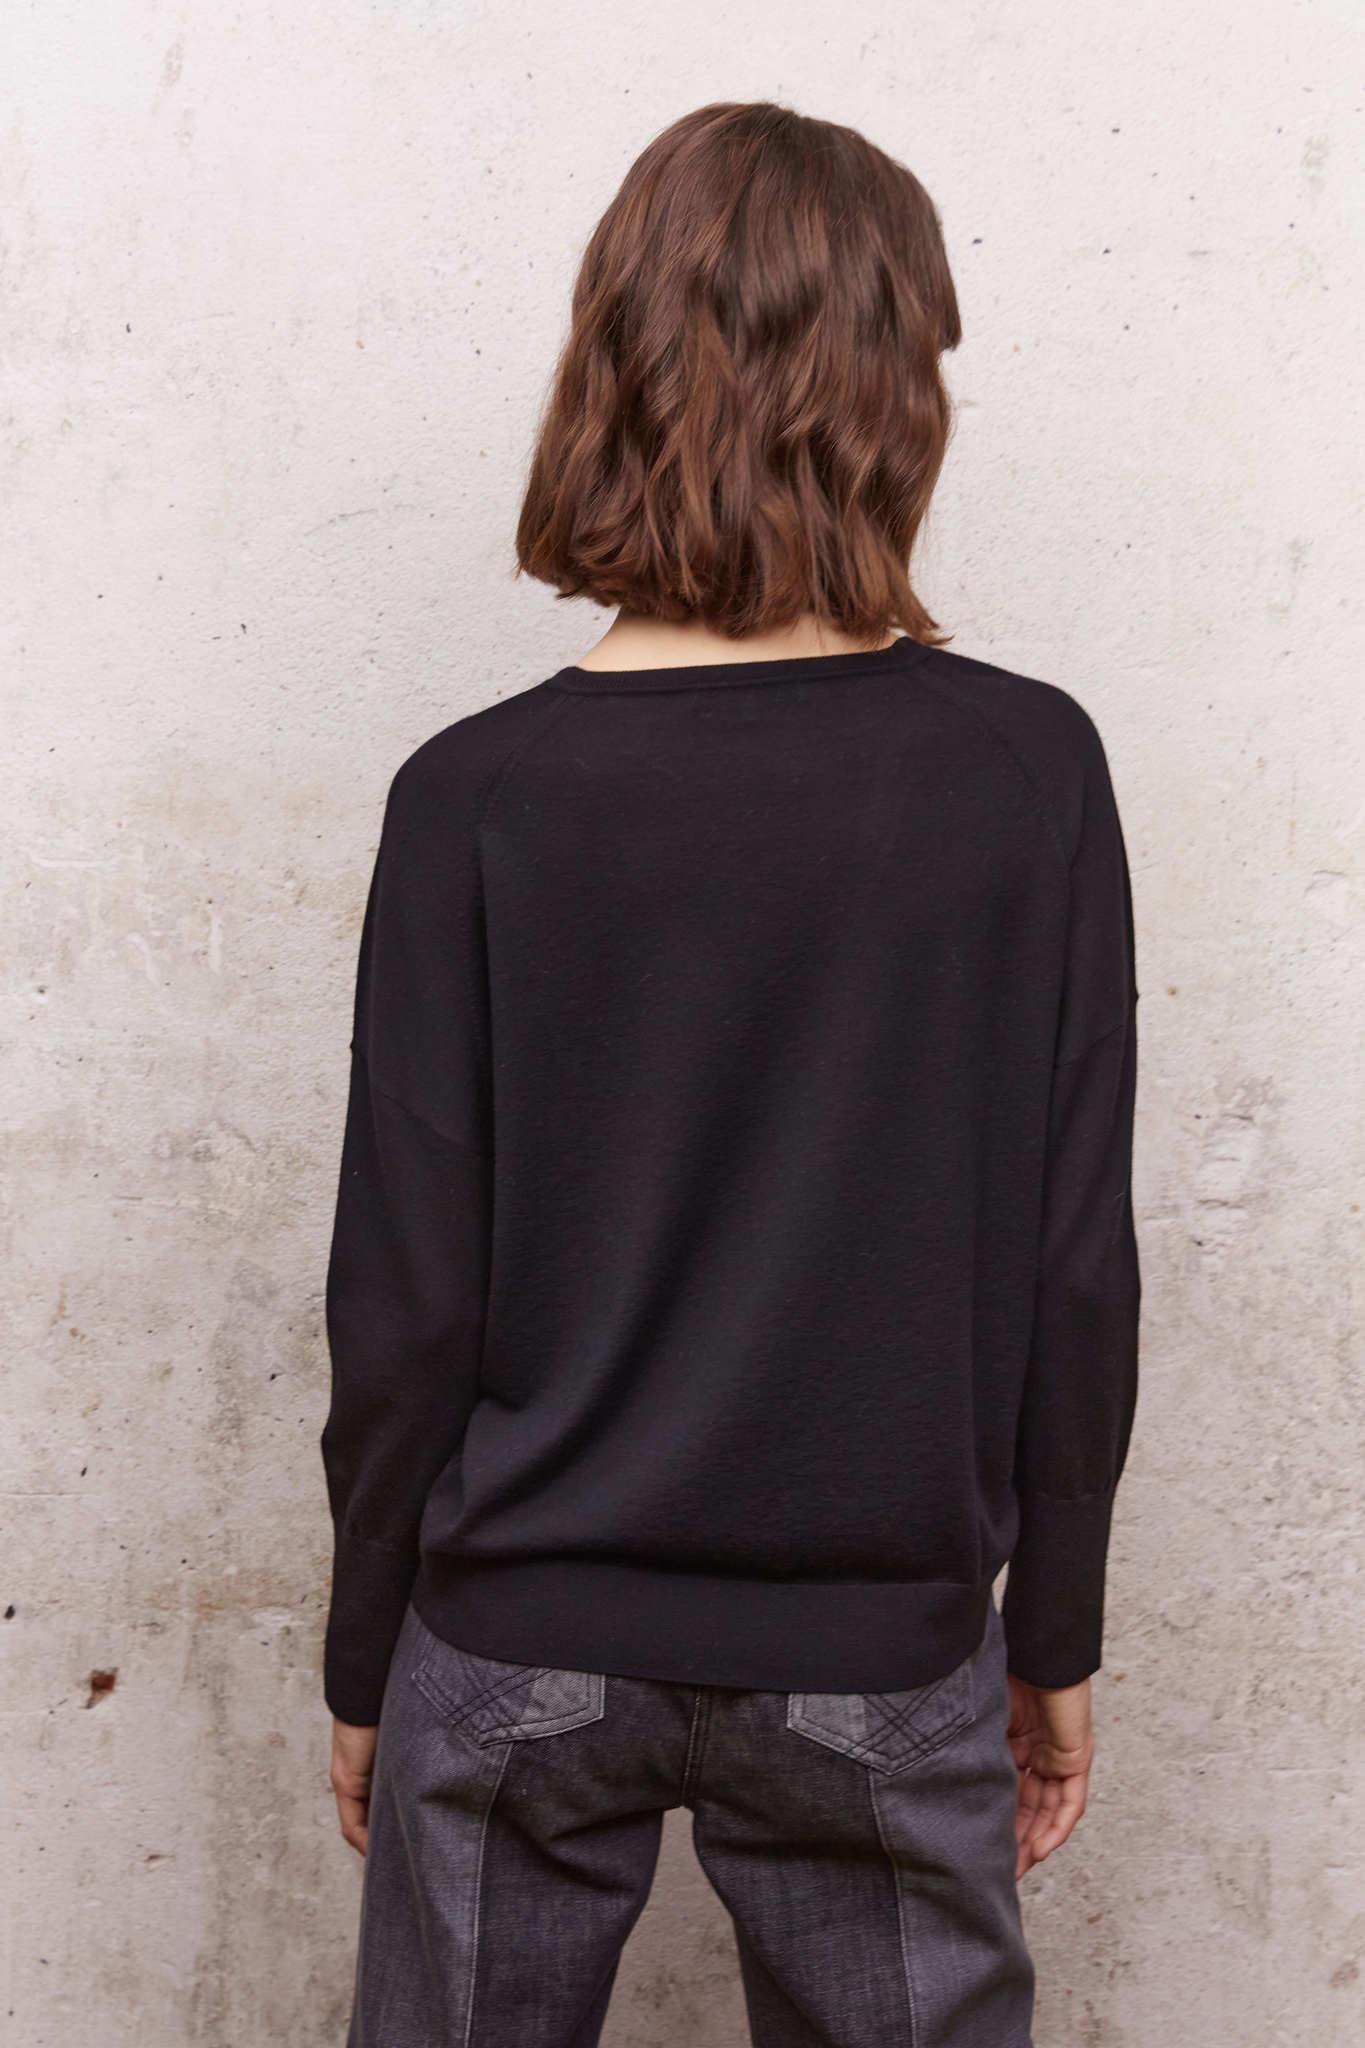 LOU - Шерстяной пуловер с V-образным вырезом